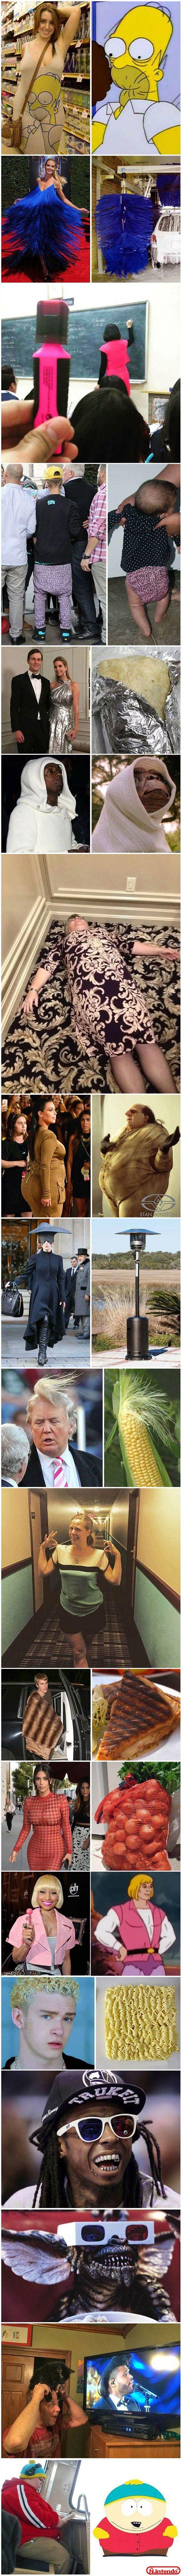 Roupas inspiradas em outras coisas auhehuahuehuae http://bit.ly/2n6uKlW